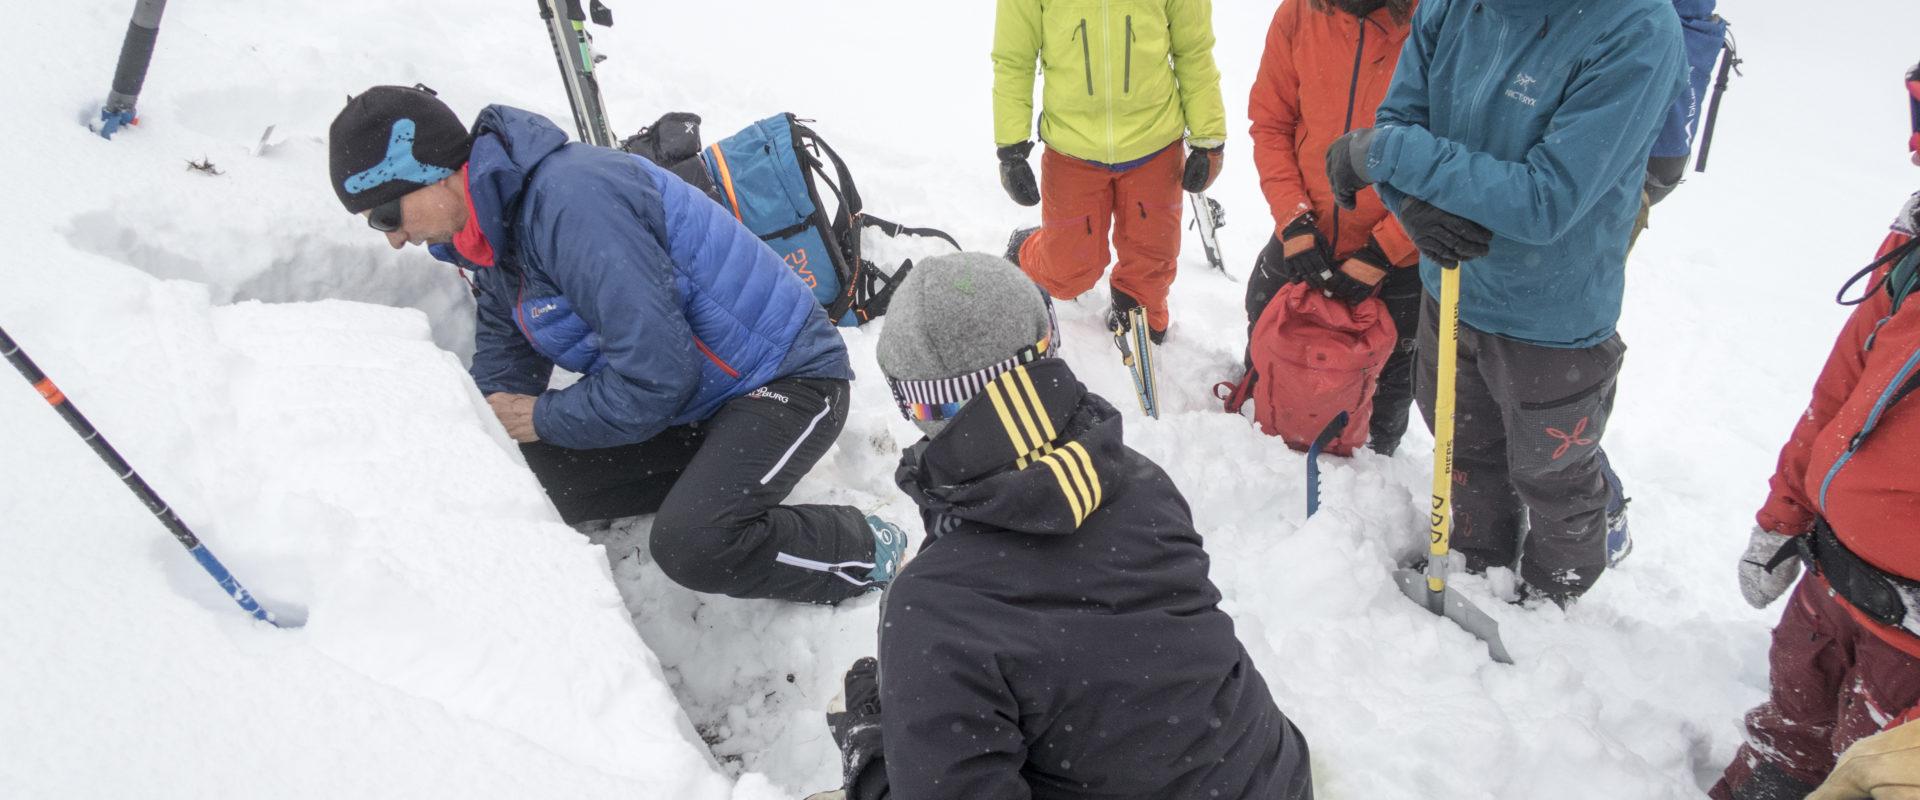 Winterfortbildung mit Bernd Niedermoser von der ZAMG-Salzburg mit Schneedeckenanalyse